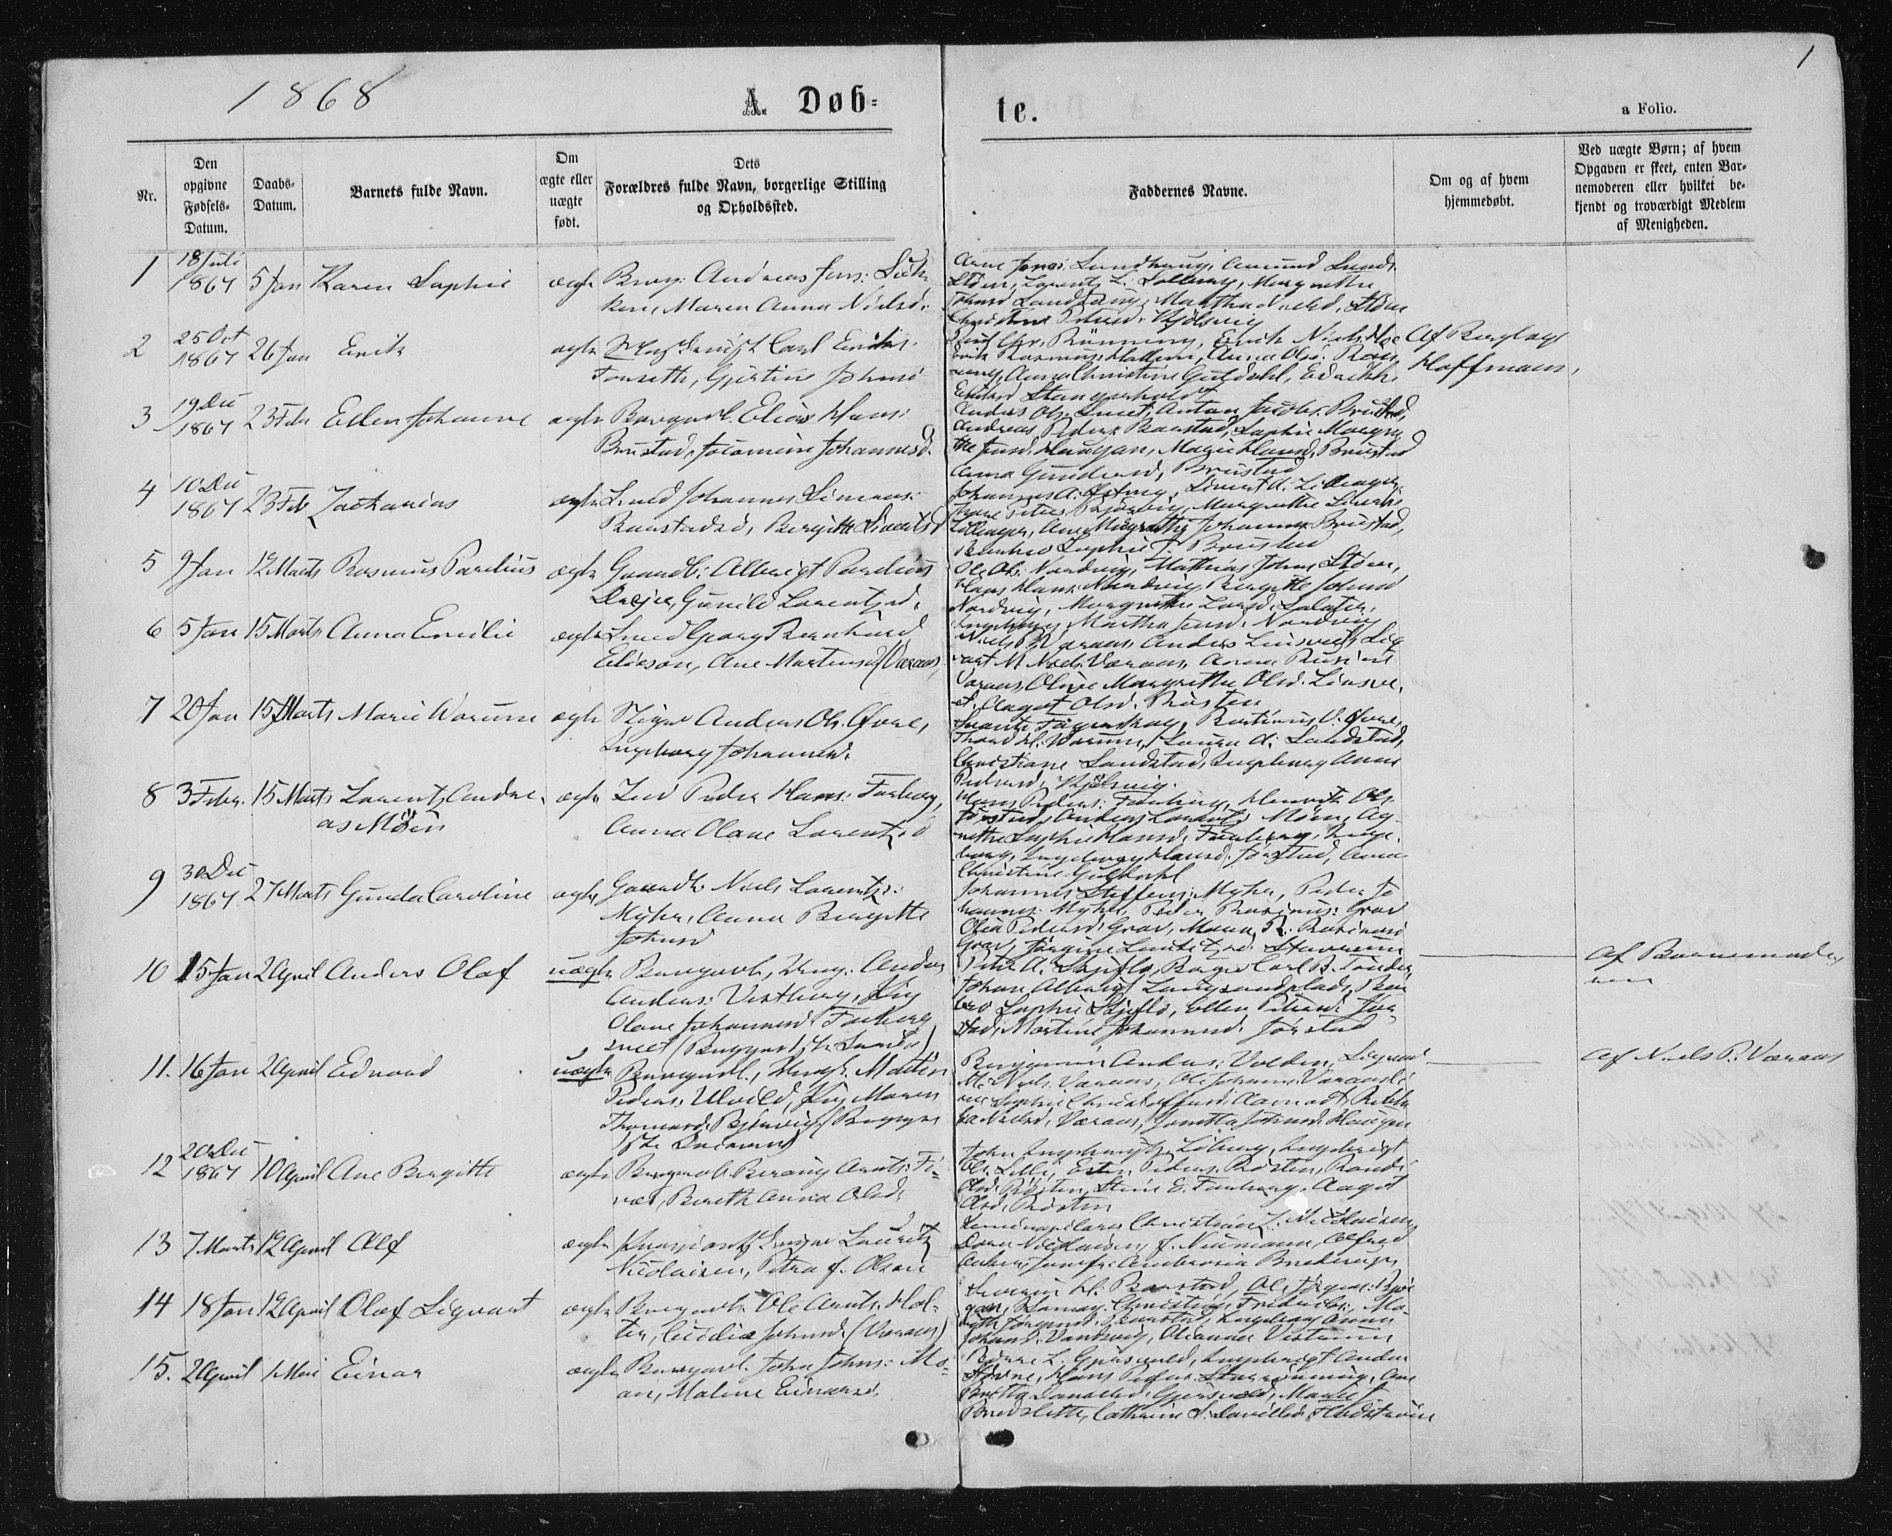 SAT, Ministerialprotokoller, klokkerbøker og fødselsregistre - Nord-Trøndelag, 722/L0219: Ministerialbok nr. 722A06, 1868-1880, s. 1